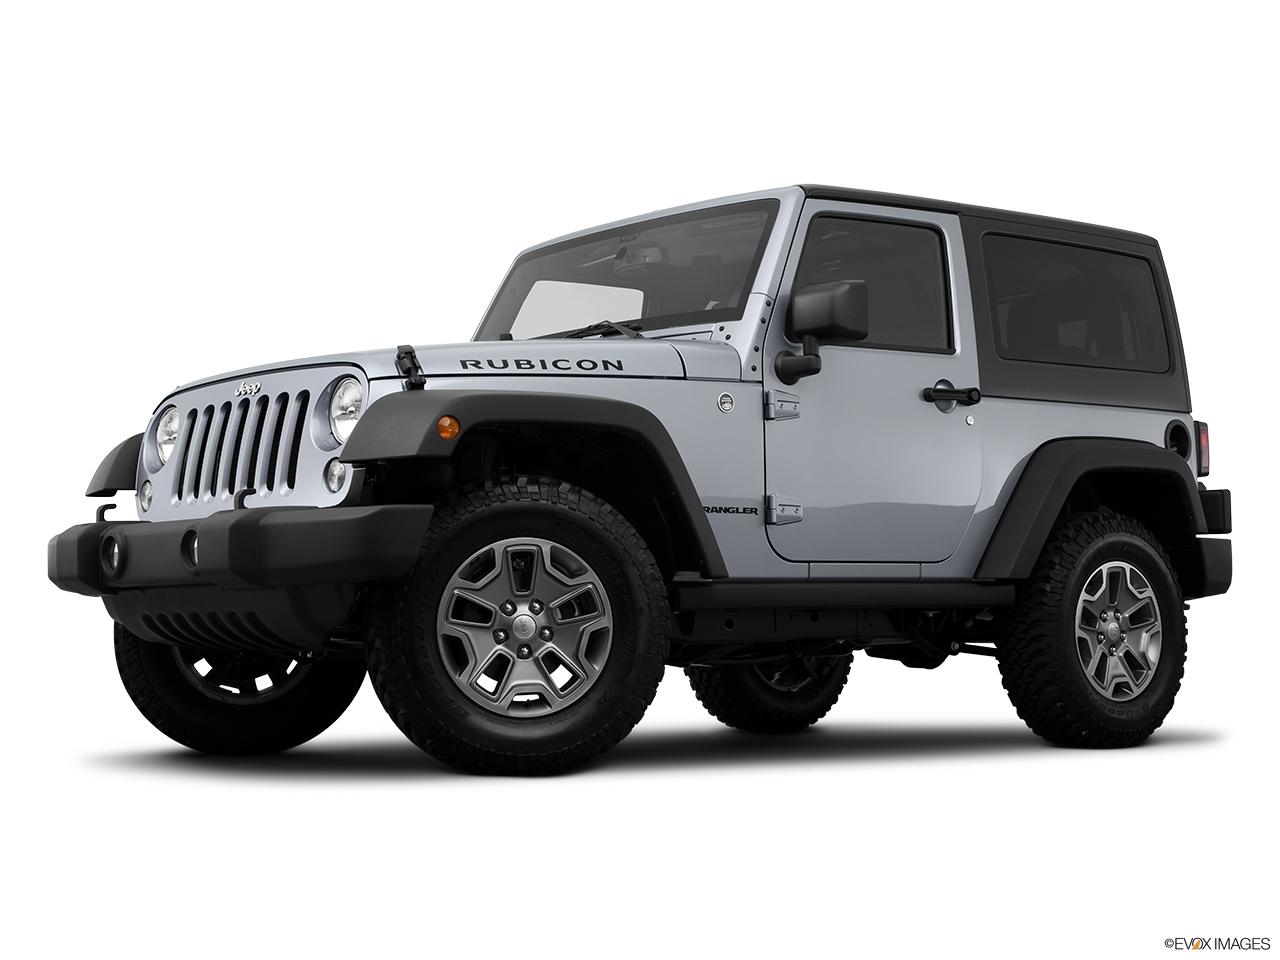 2014 jeep wrangler 4wd 2 door willys wheeler. Black Bedroom Furniture Sets. Home Design Ideas